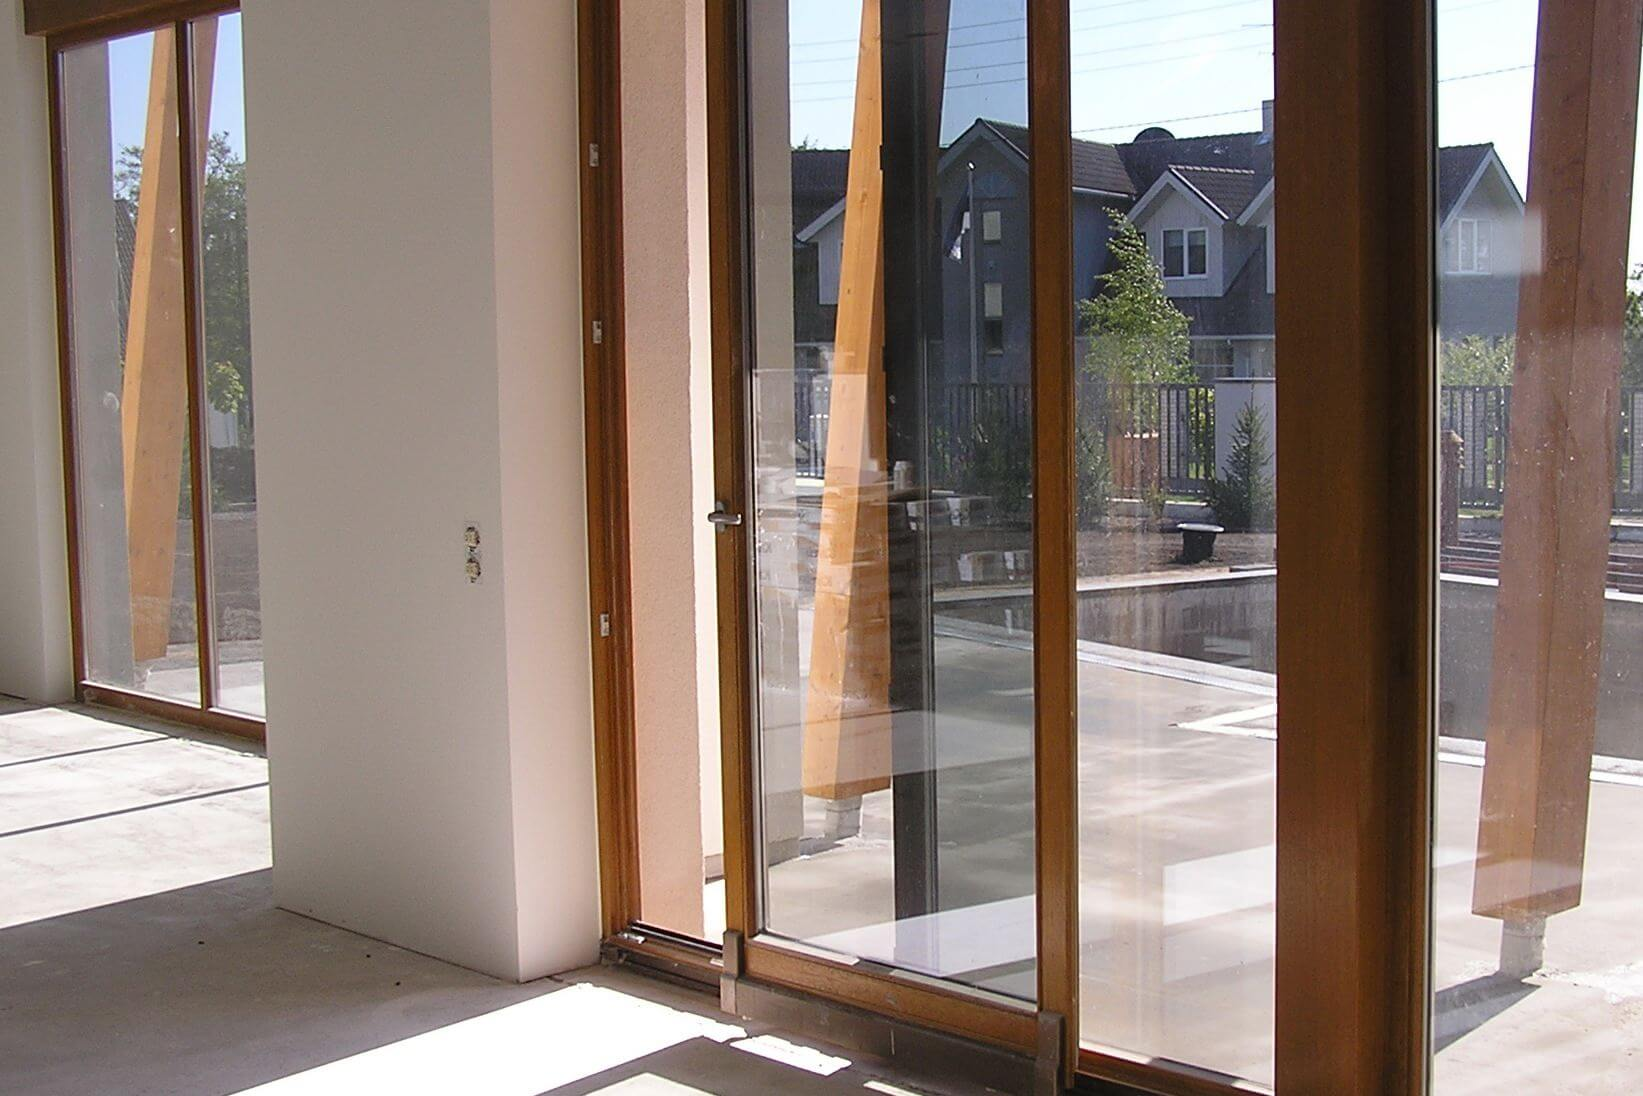 картинка остекление балкона профилем Слайдорс в пол